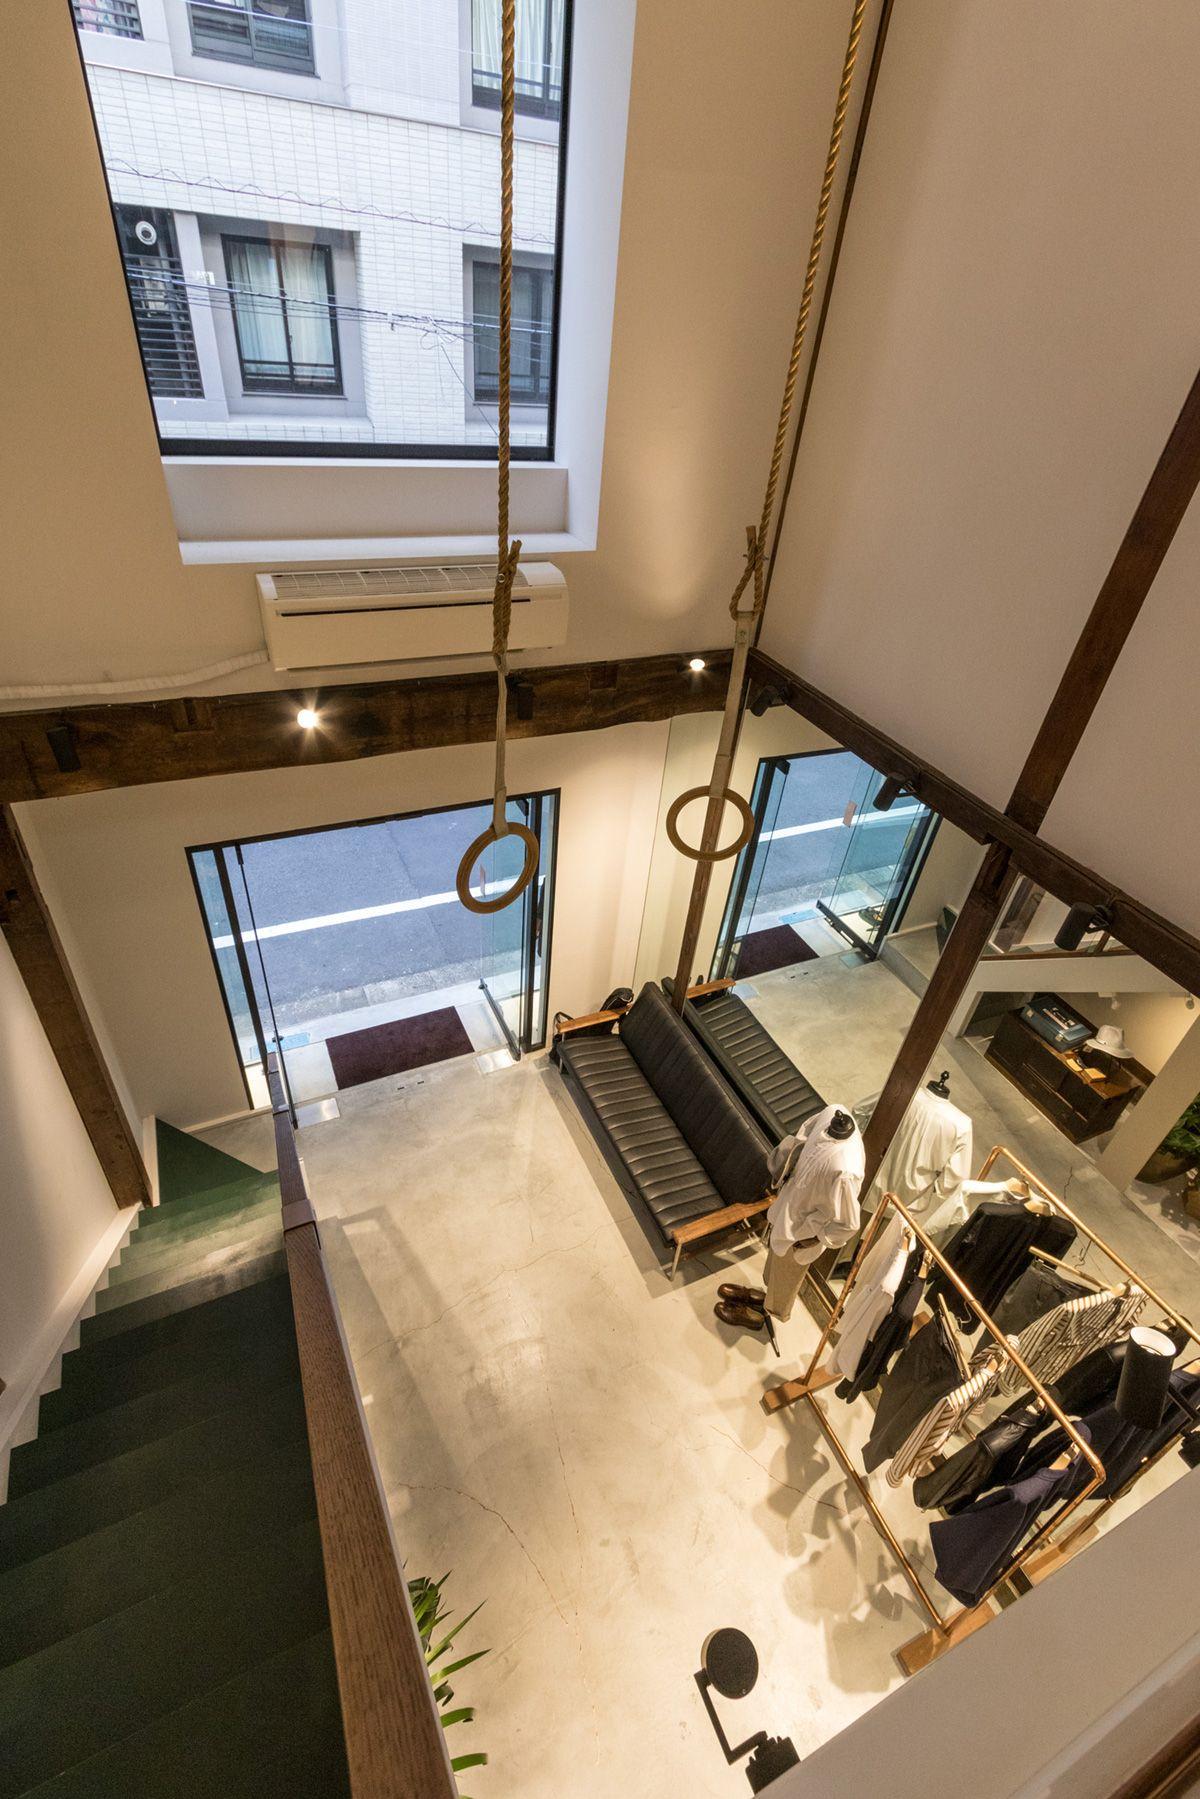 ノルウェージャン・レイン&T-マイケル東京ストア (shop)2Fから1Fへの俯瞰